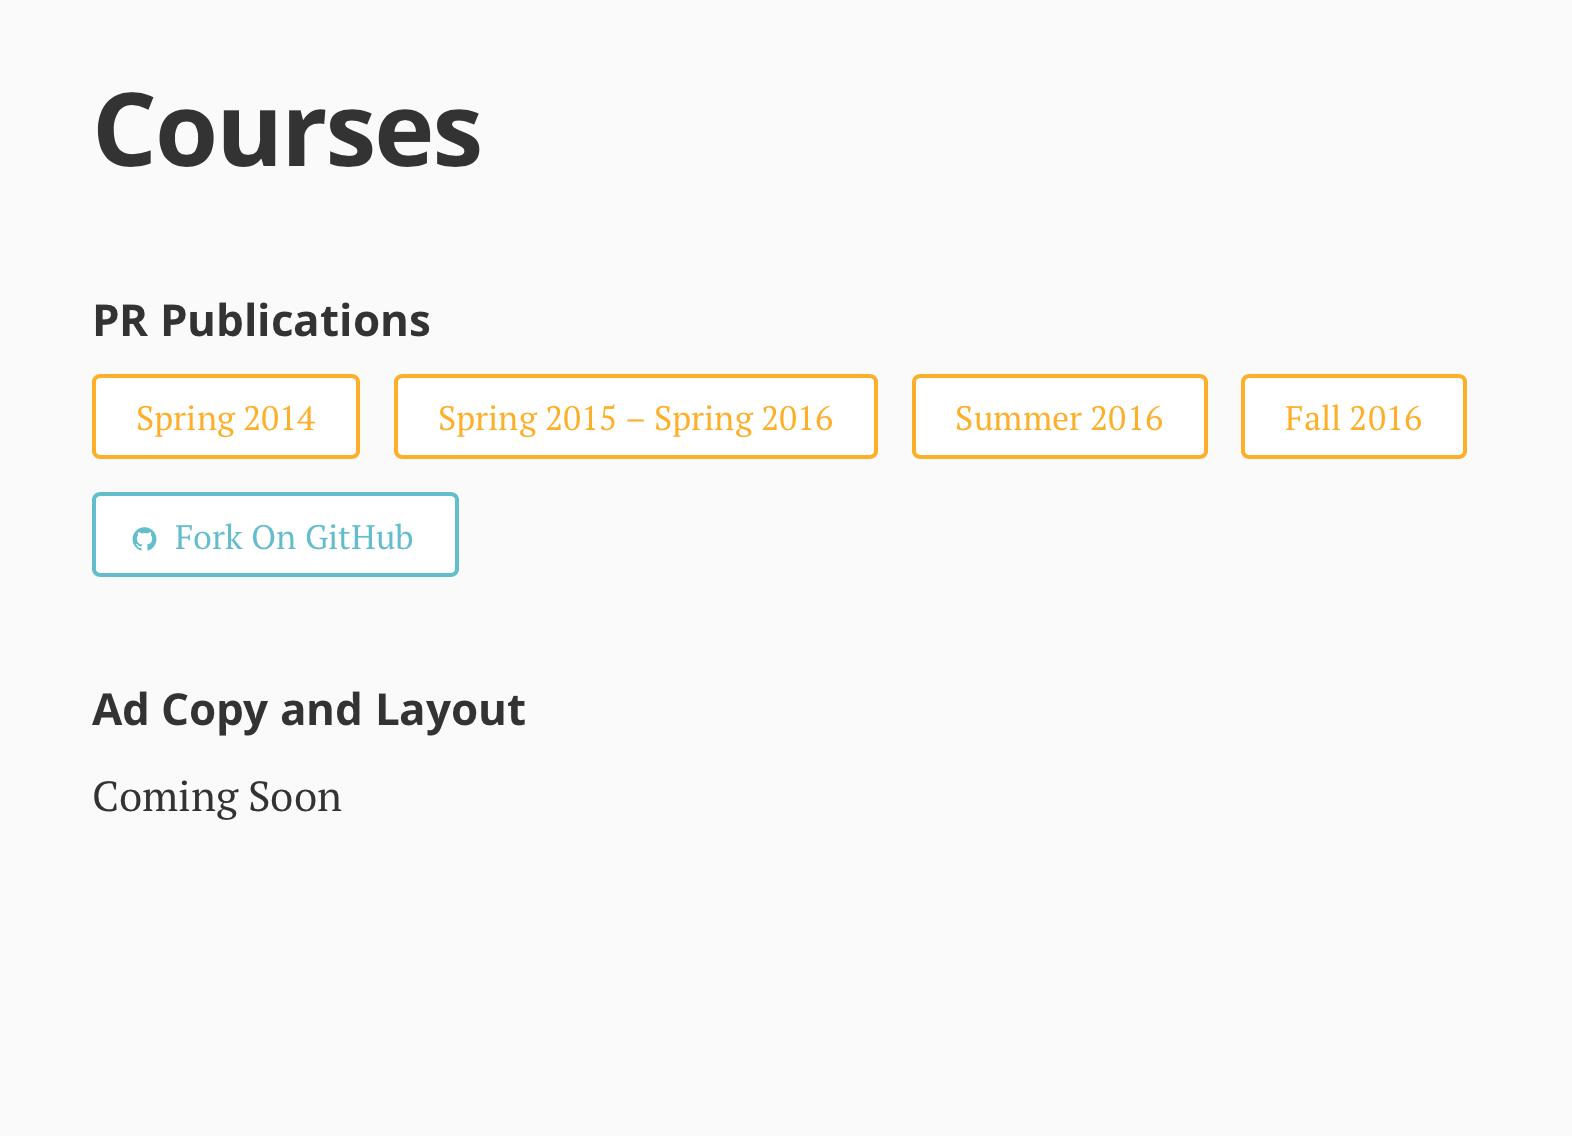 adamcroom.com/courses